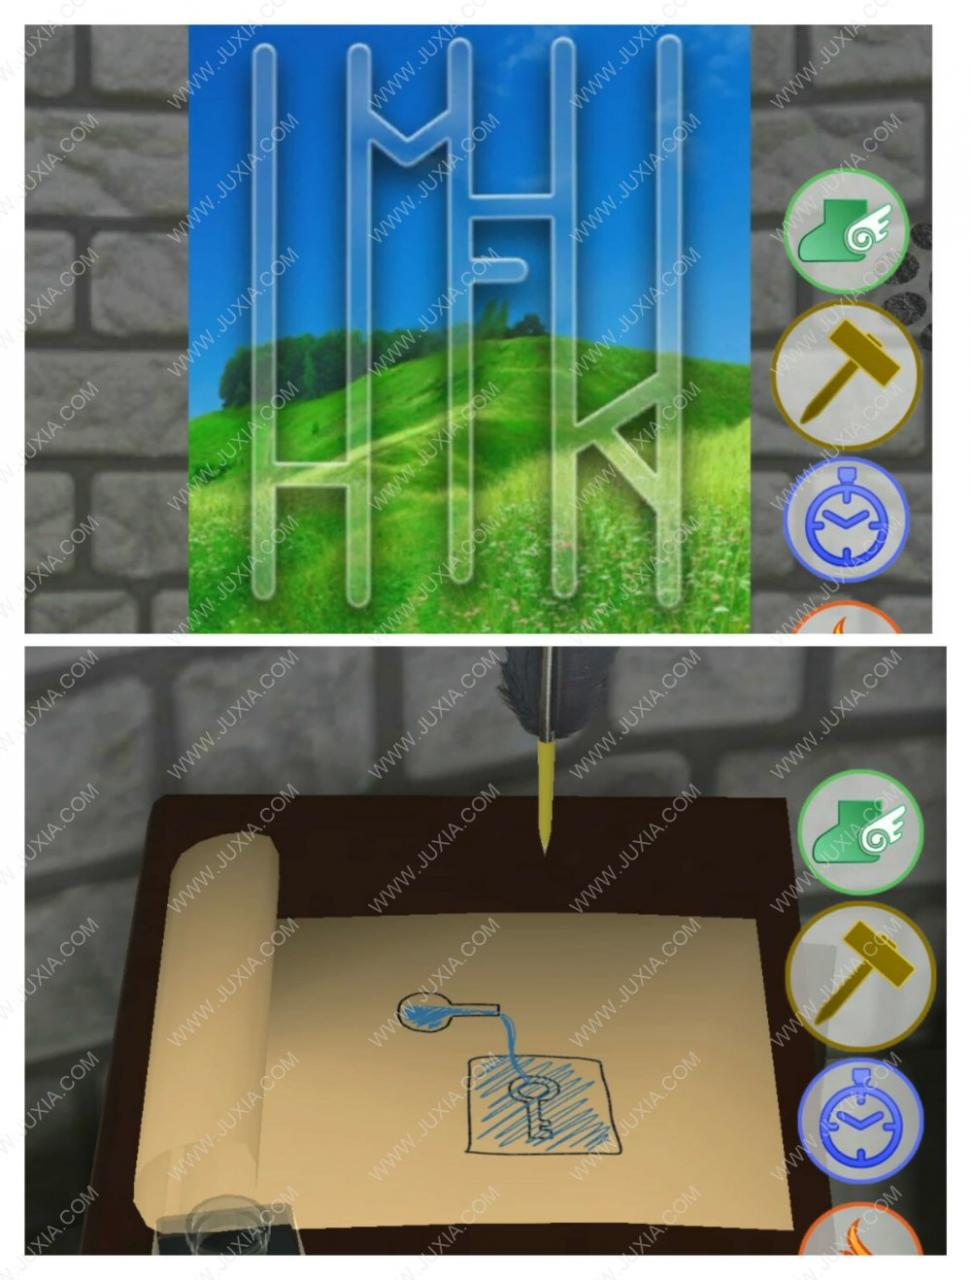 龍與巫師之塔通關攻略二 EscapeGame遊戲攻略詳解